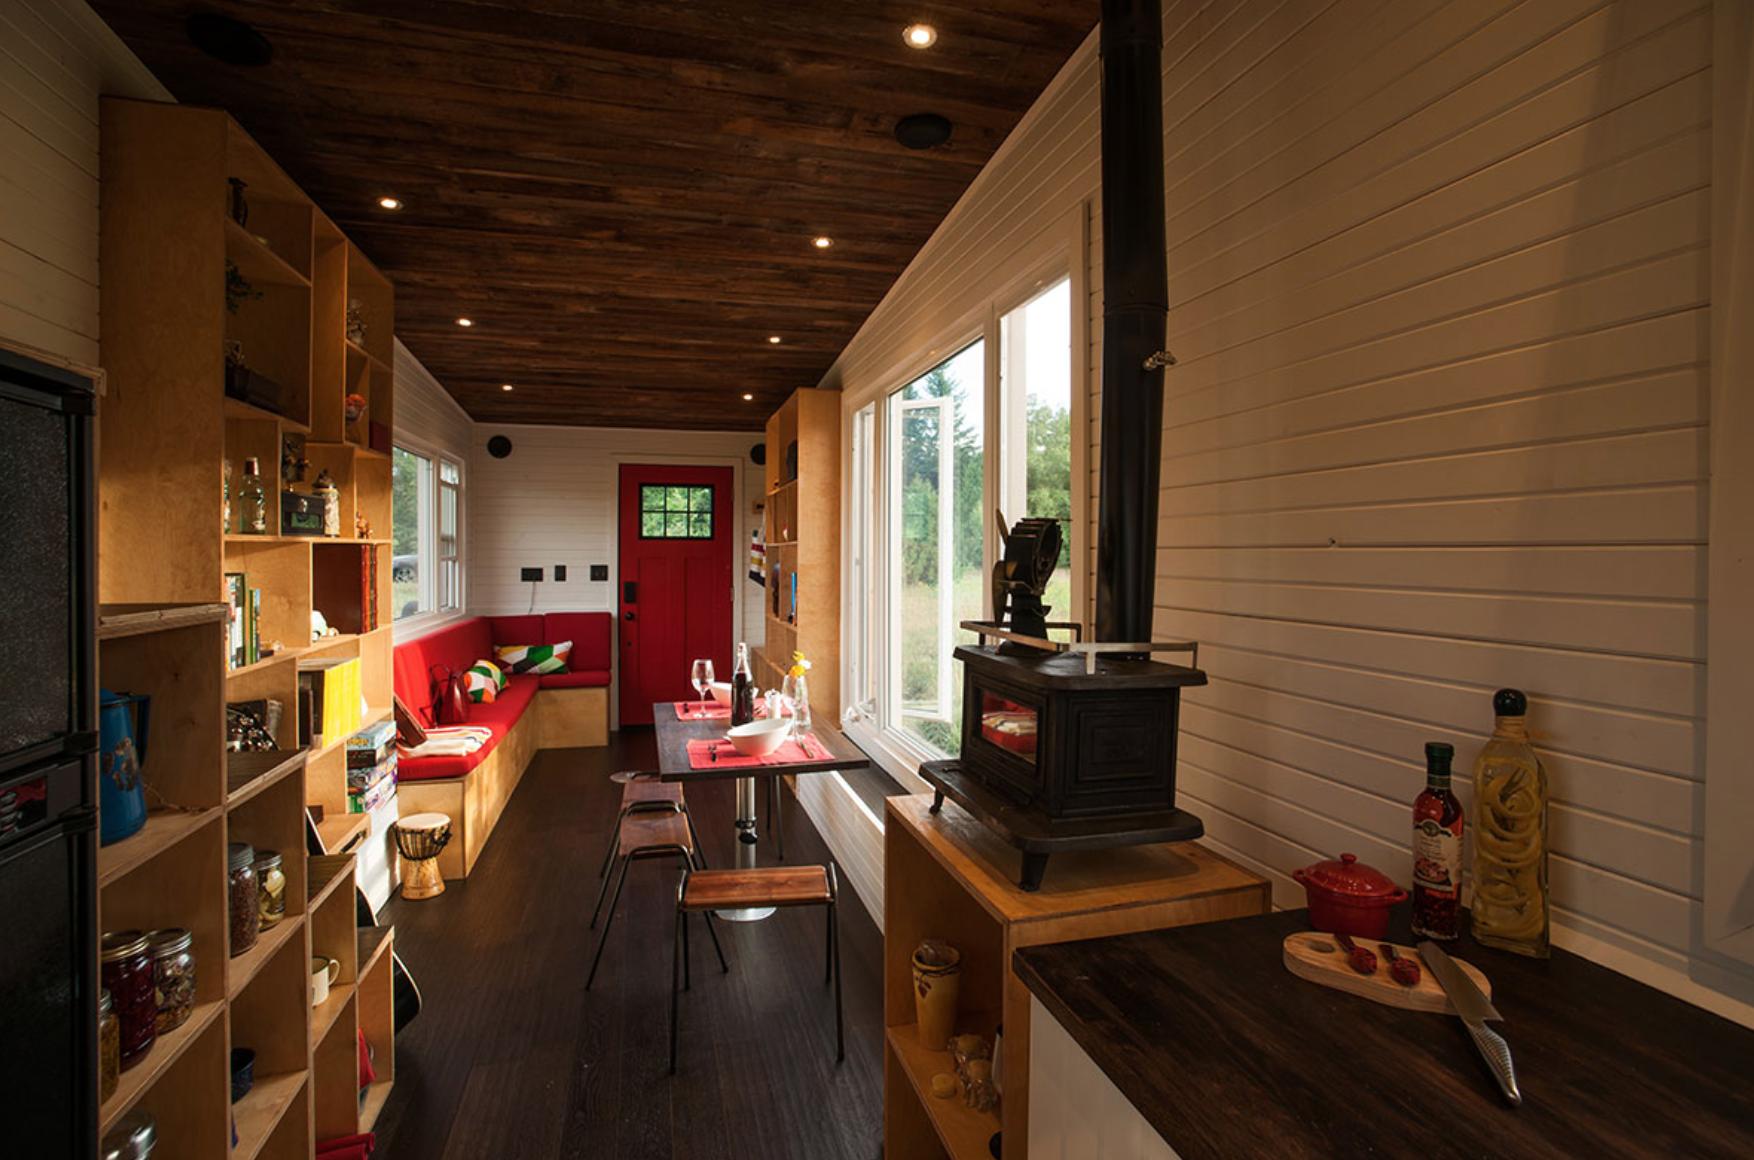 Top Tiny Homes - Inside the GreenMoxie Tiny House